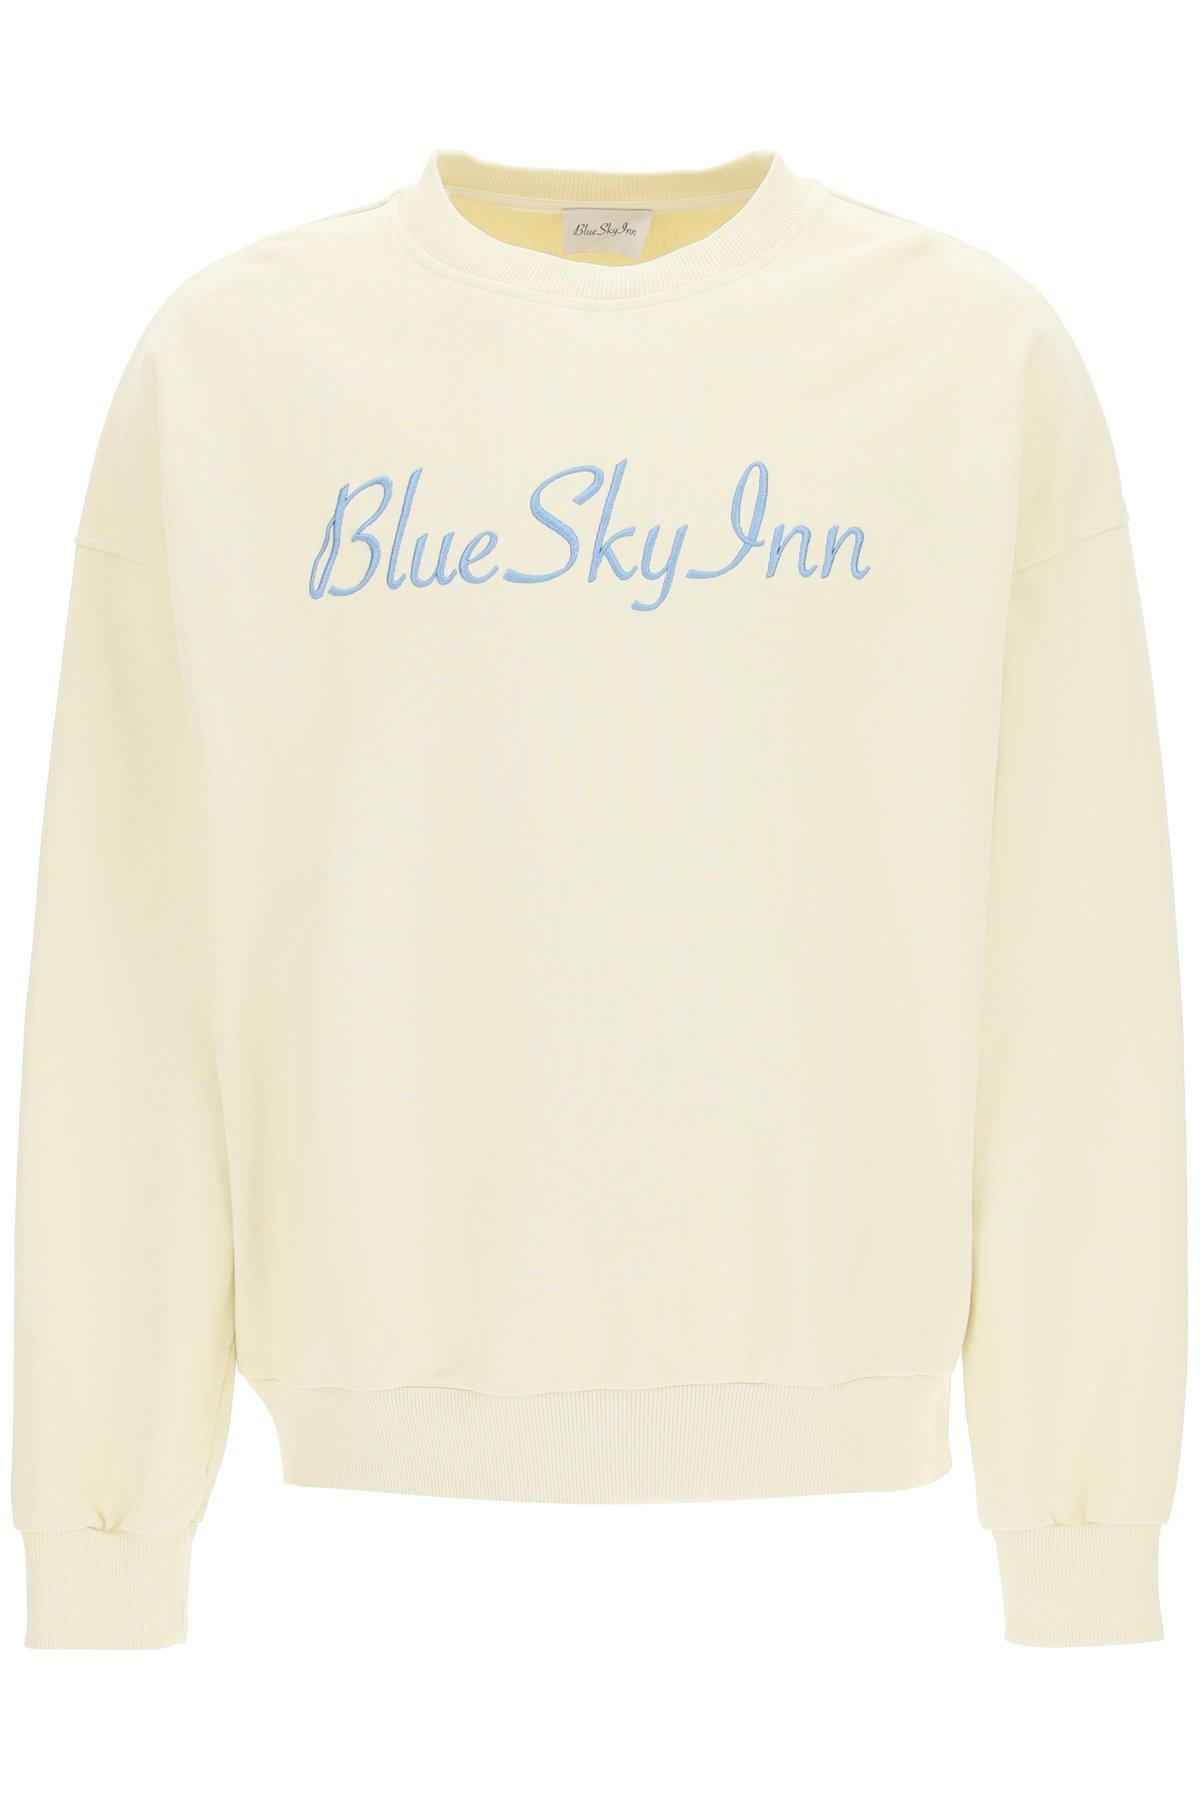 Blue sky inn felpa con logo ricamato